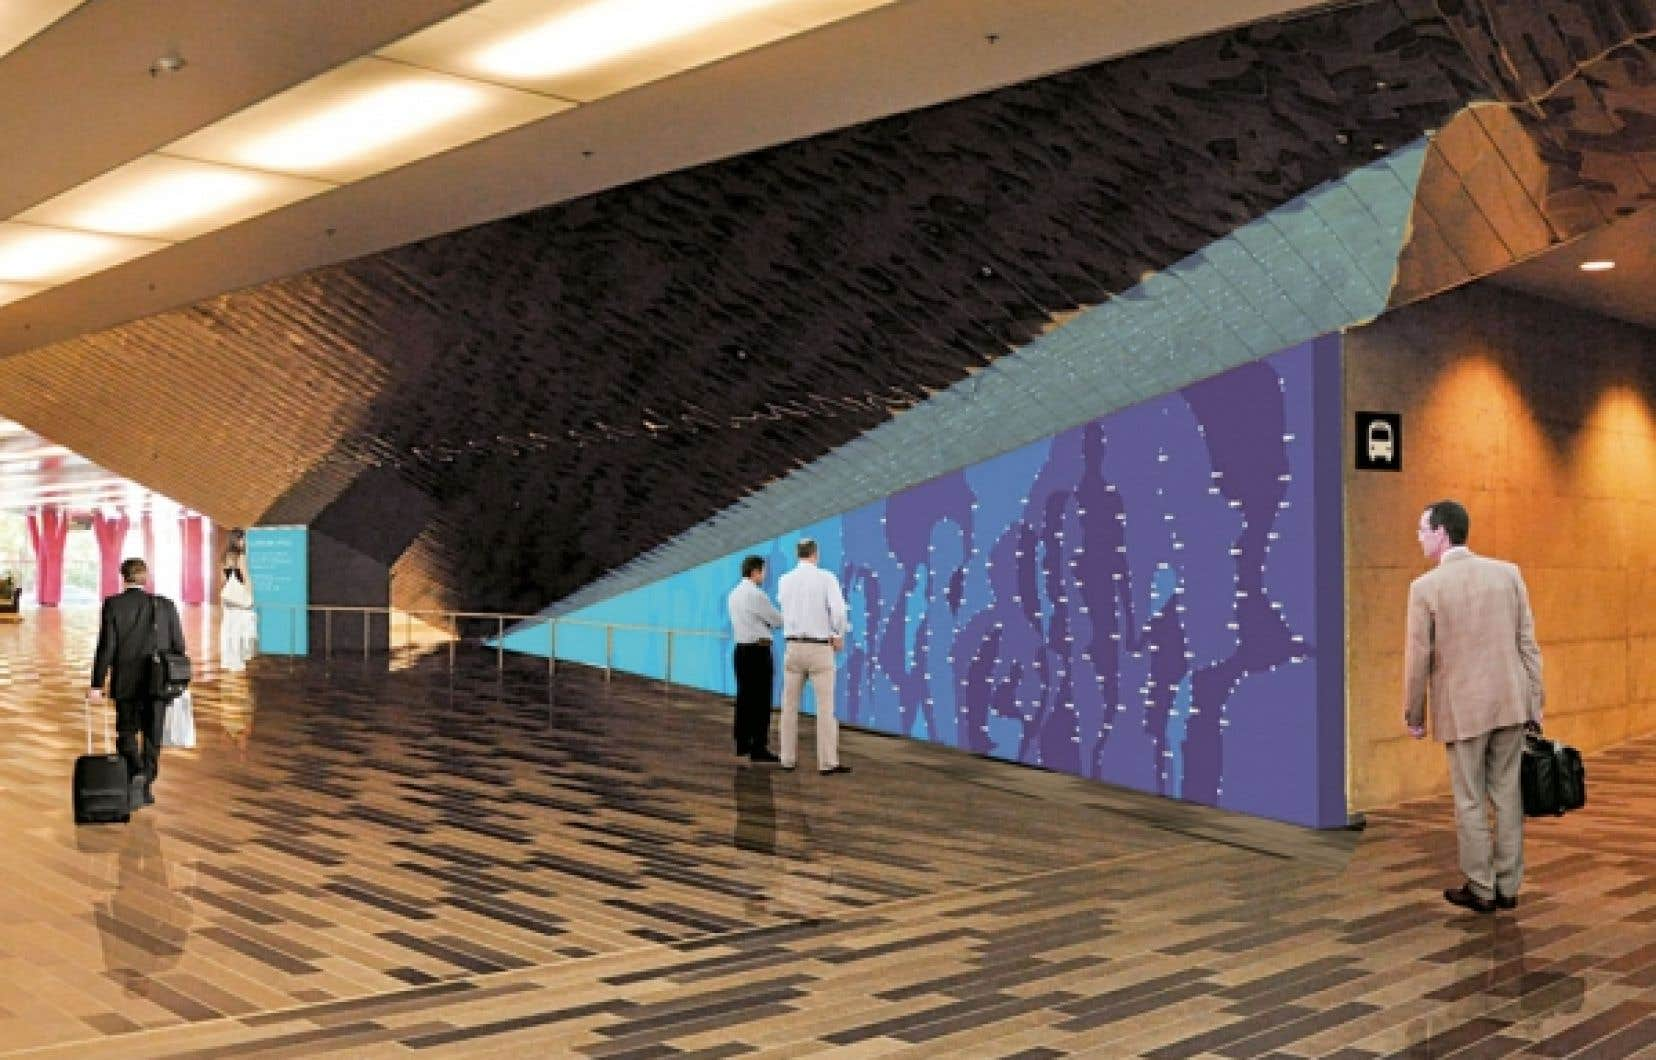 La Constellation est une murale bleue au travers de laquelle perceront 122 points lumineux. Chacune de ces étoiles représente un Grand Montréalais.